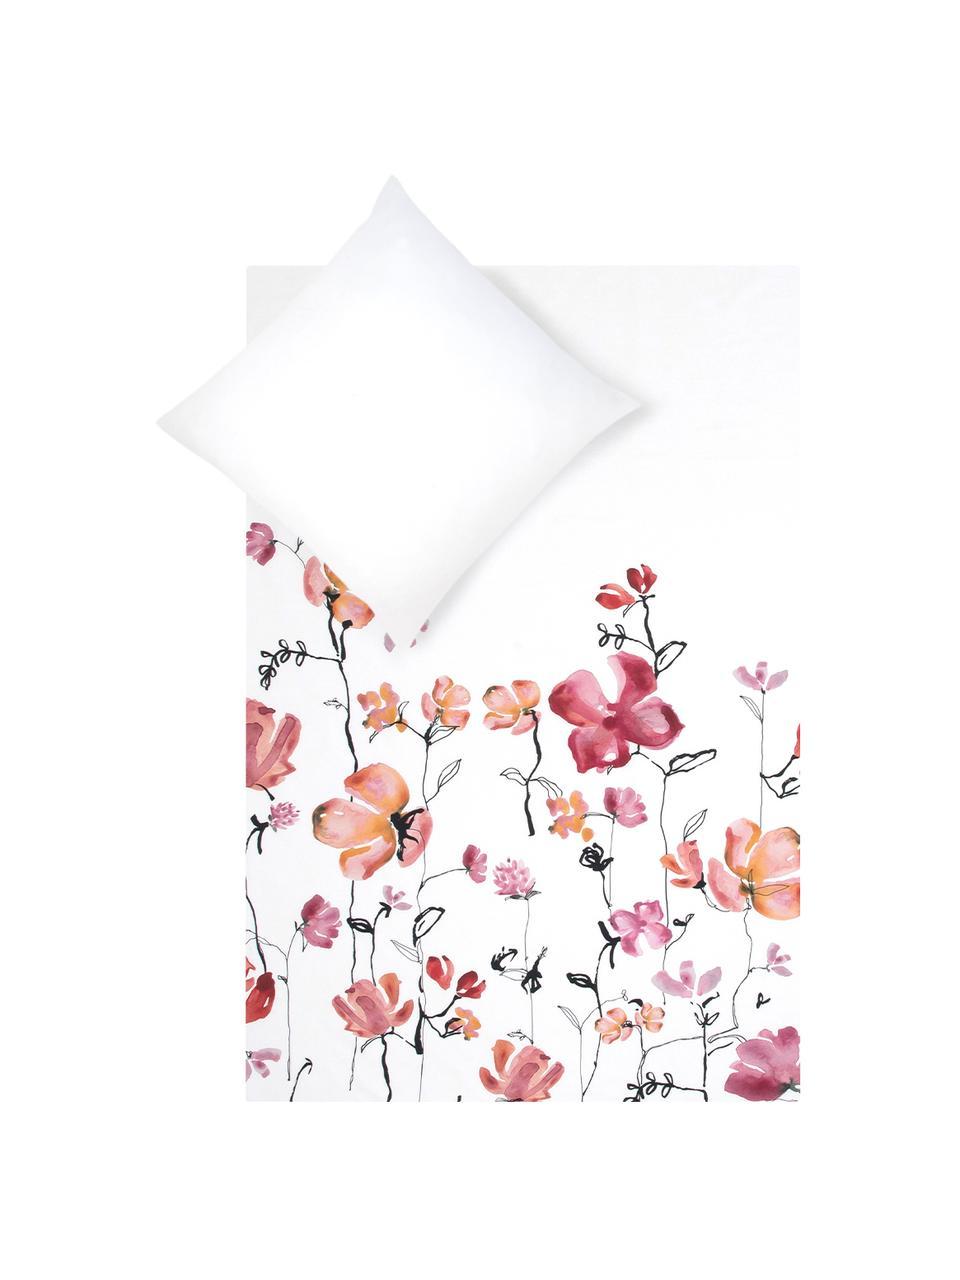 Baumwollsatin-Bettwäsche Fiori mit Blumen-Muster, Webart: Satin Fadendichte 200 TC,, Weiß, Rosa, Schwarz, 240 x 220 cm + 2 Kissen 80 x 80 cm